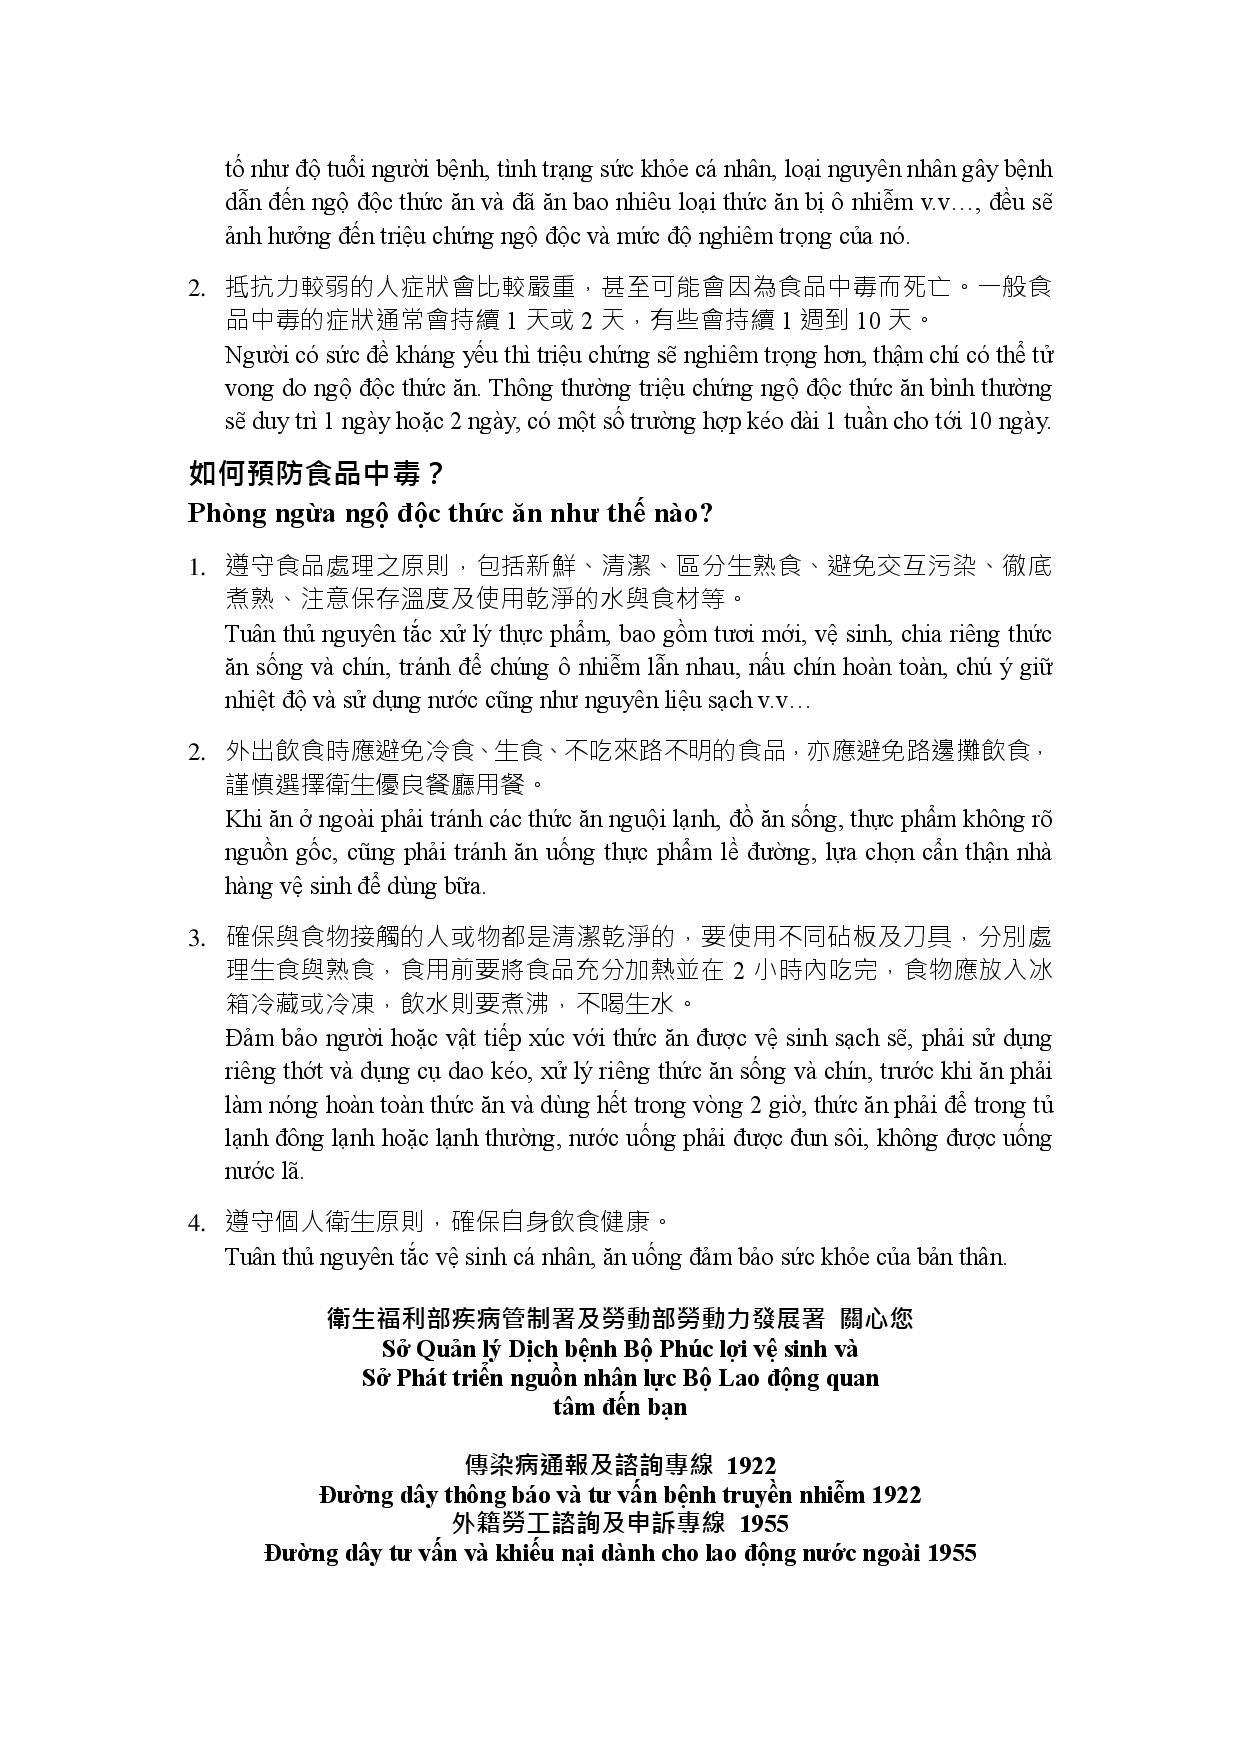 詳如附件【nhấp vào đây】Phòng ngừa ngộ độc thức ăn(Trang 2)預防食品中毒(越文)